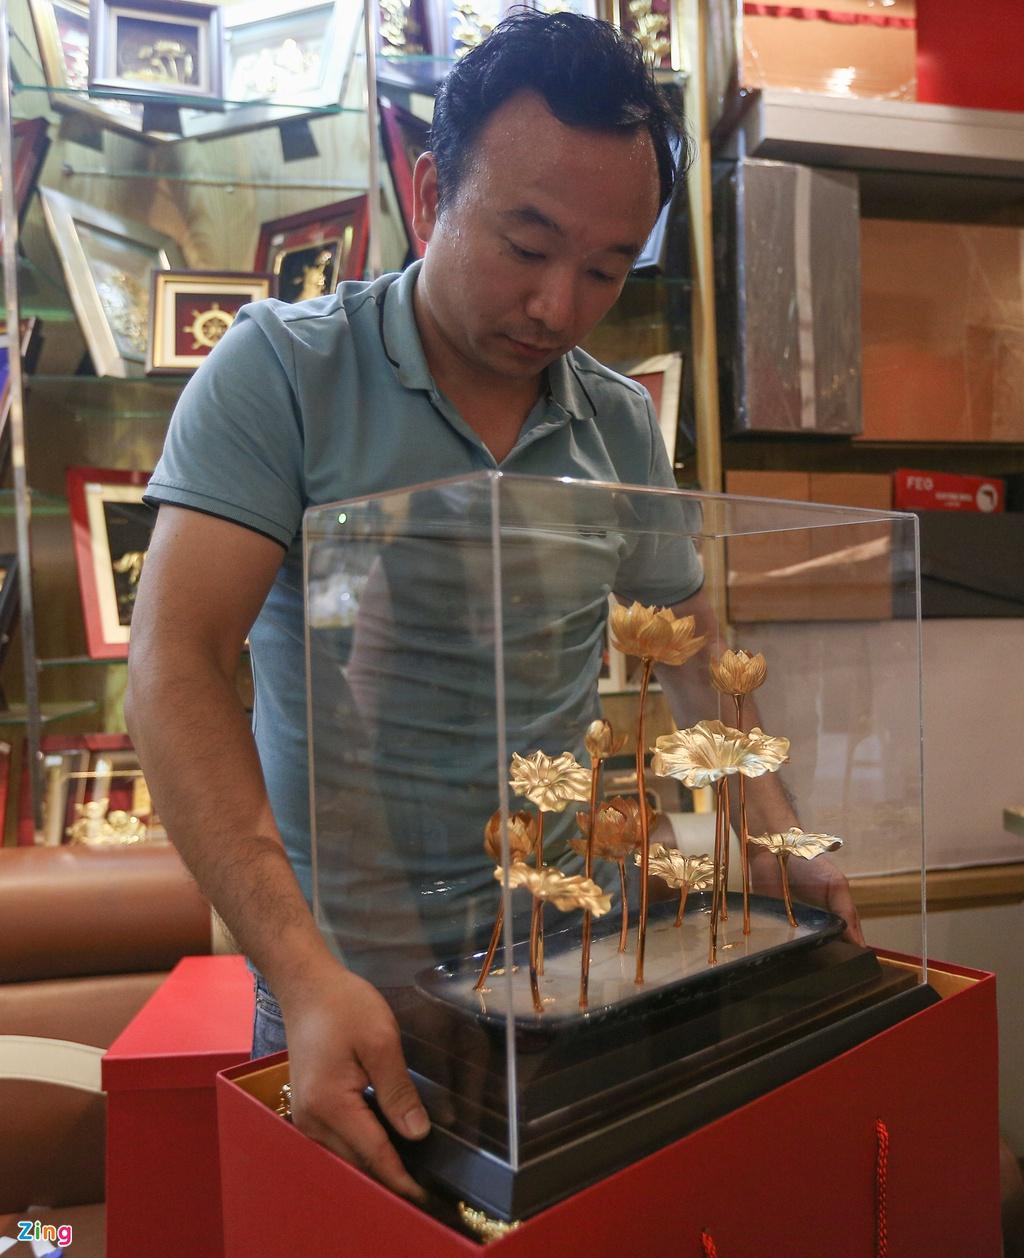 Hoa mạ vàng tiền triệu ngập tràn thị trường quà tặng ngày 8/3 - Ảnh 9